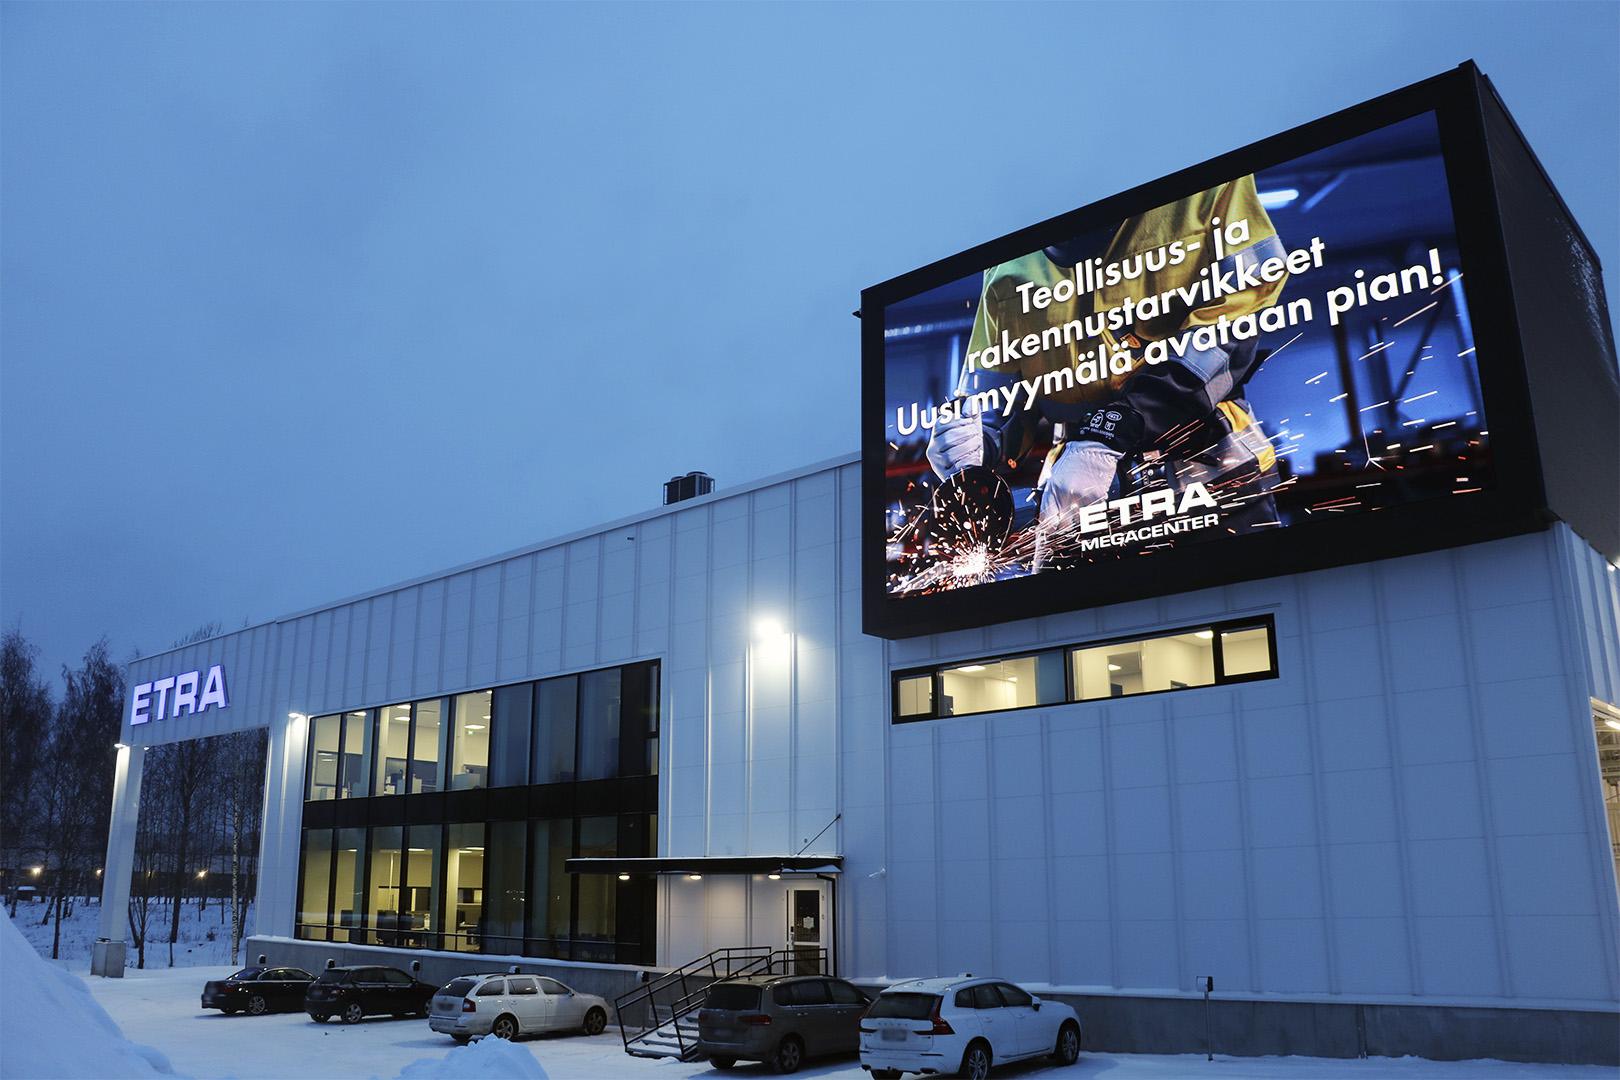 LED Näyttö Etra Megancenter Pirkkala